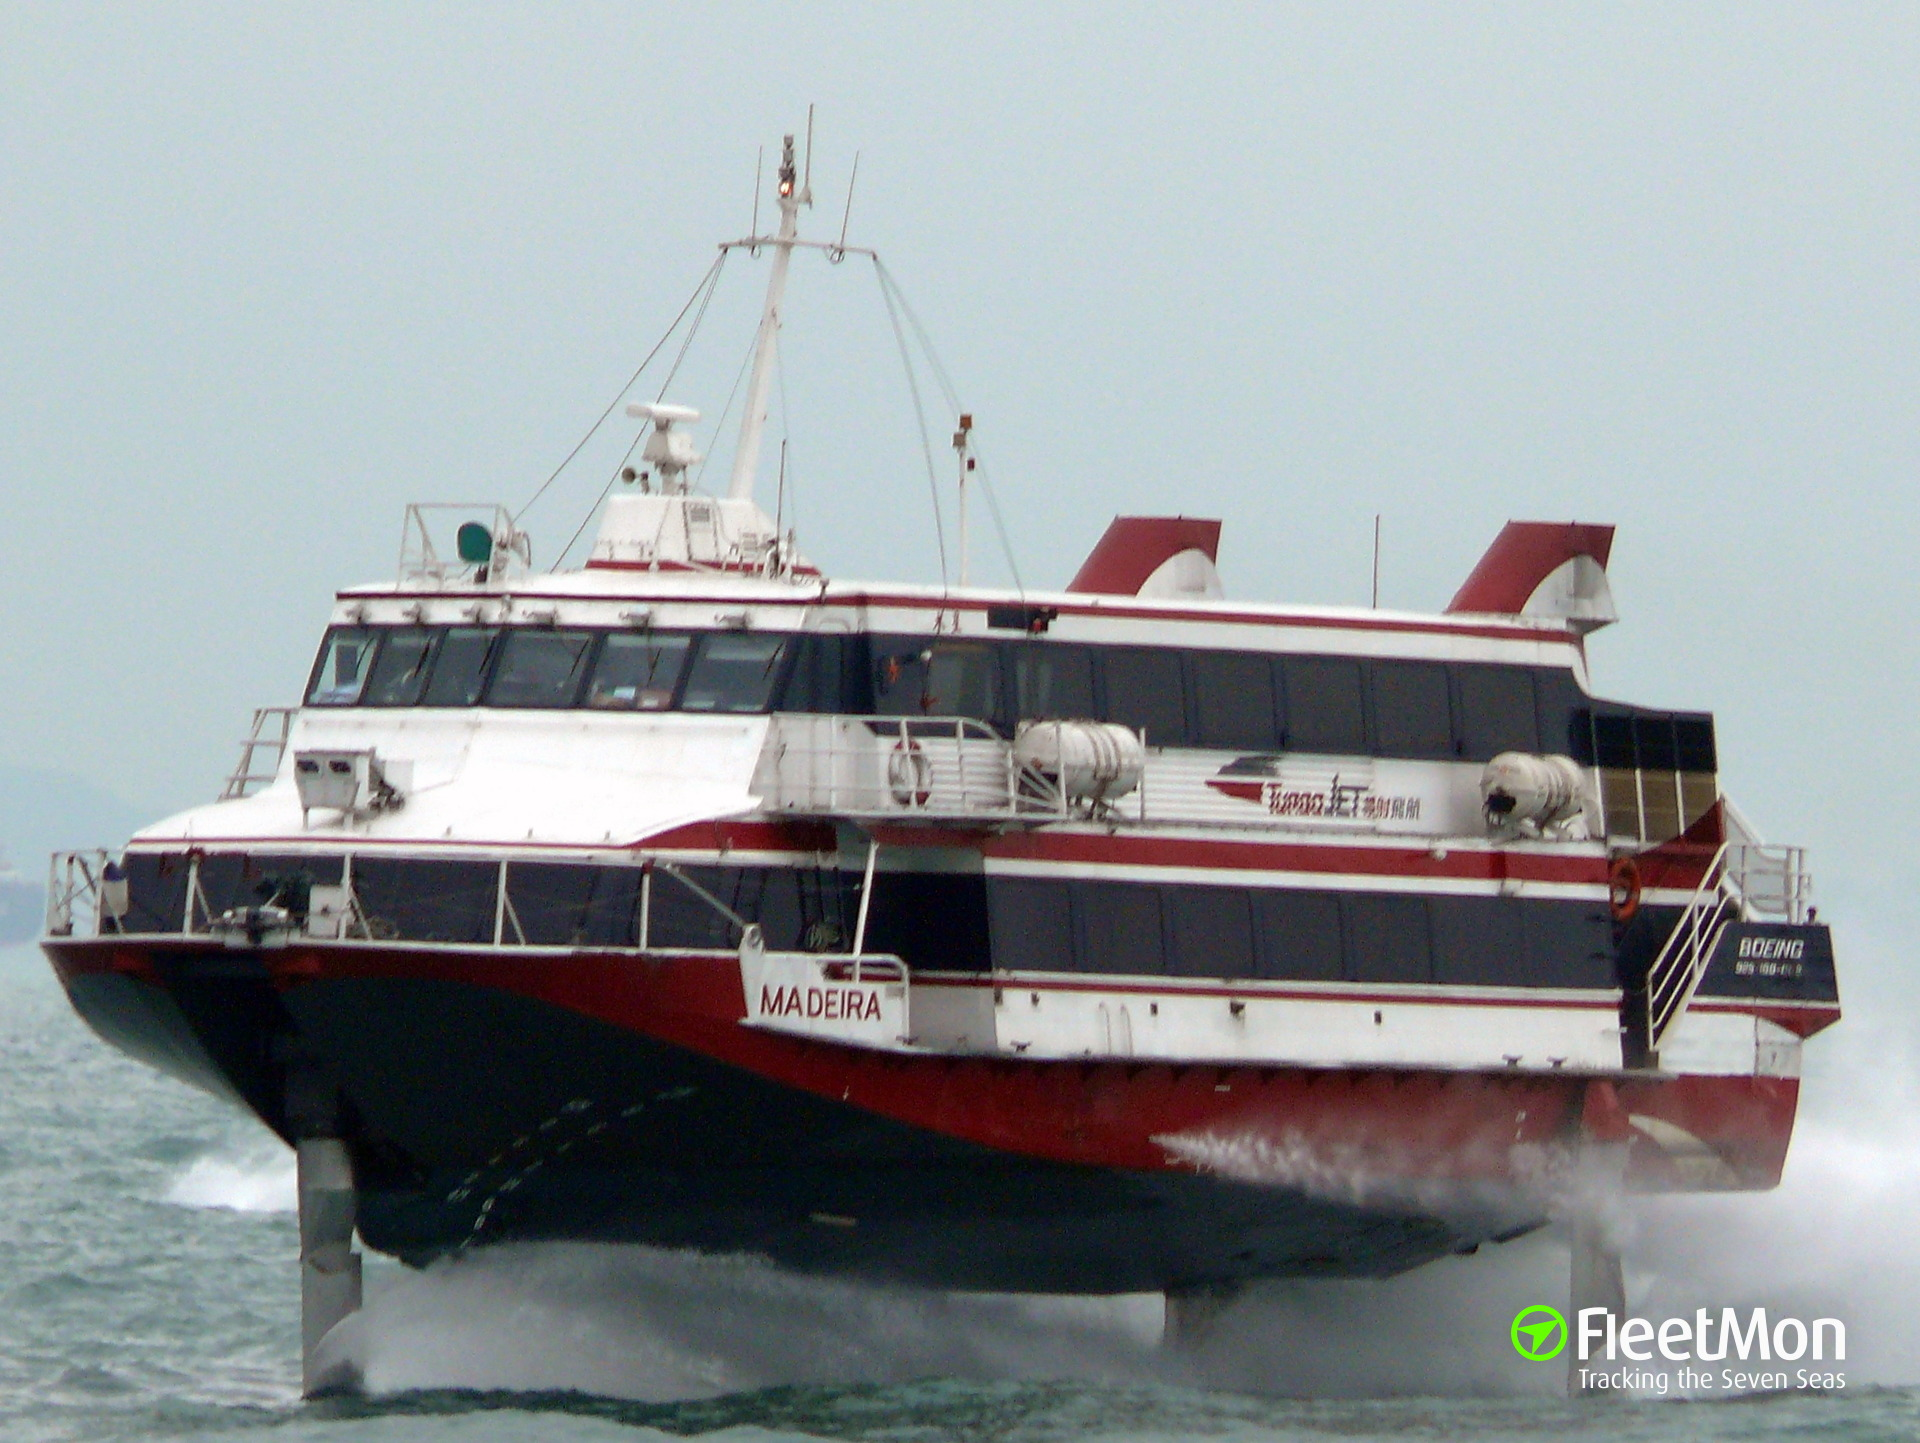 High-speed ferry Madeira hit an unidentified object, Hong Kong